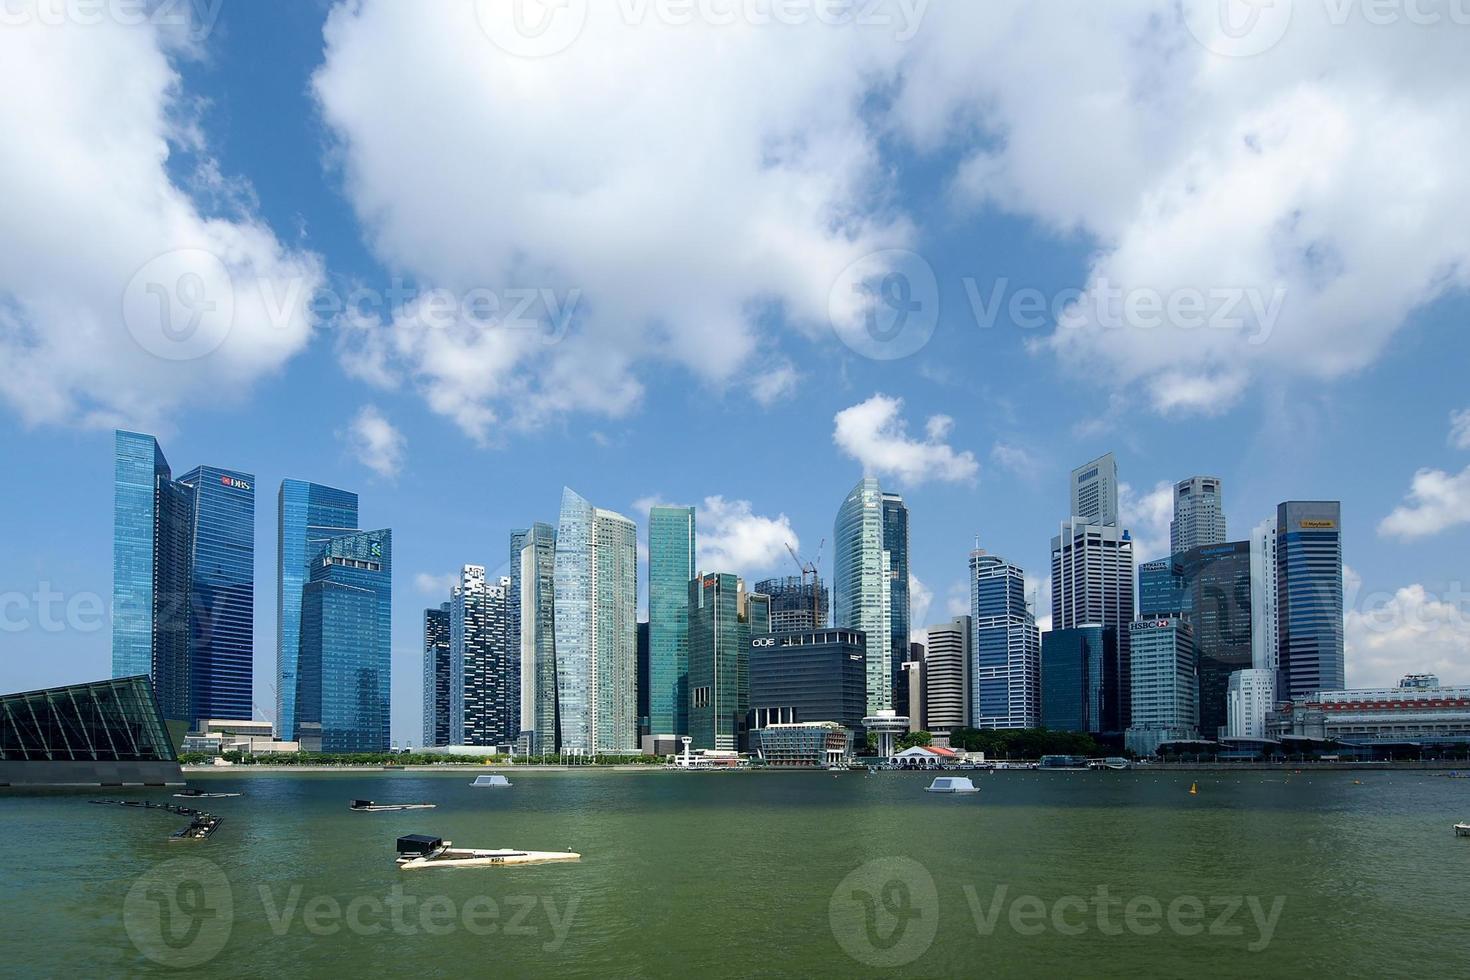 distrito central de negocios de singapur foto